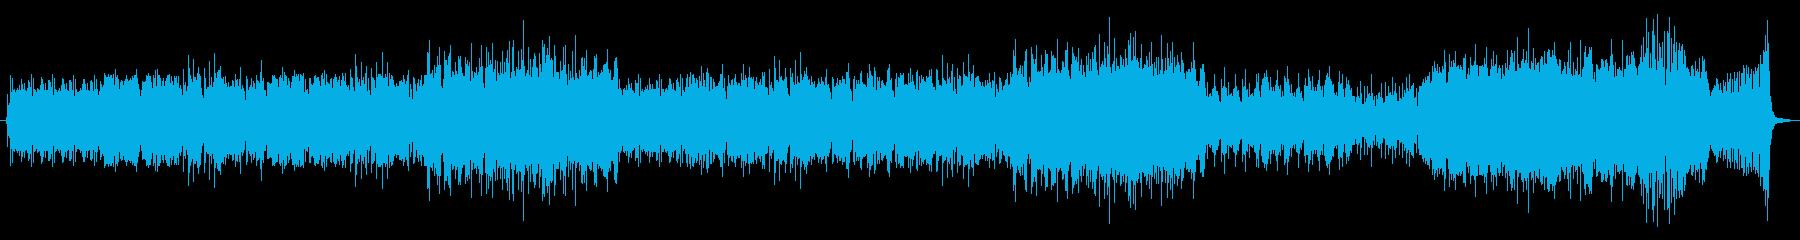 チェロテーマの疾走する3拍子インスト曲の再生済みの波形